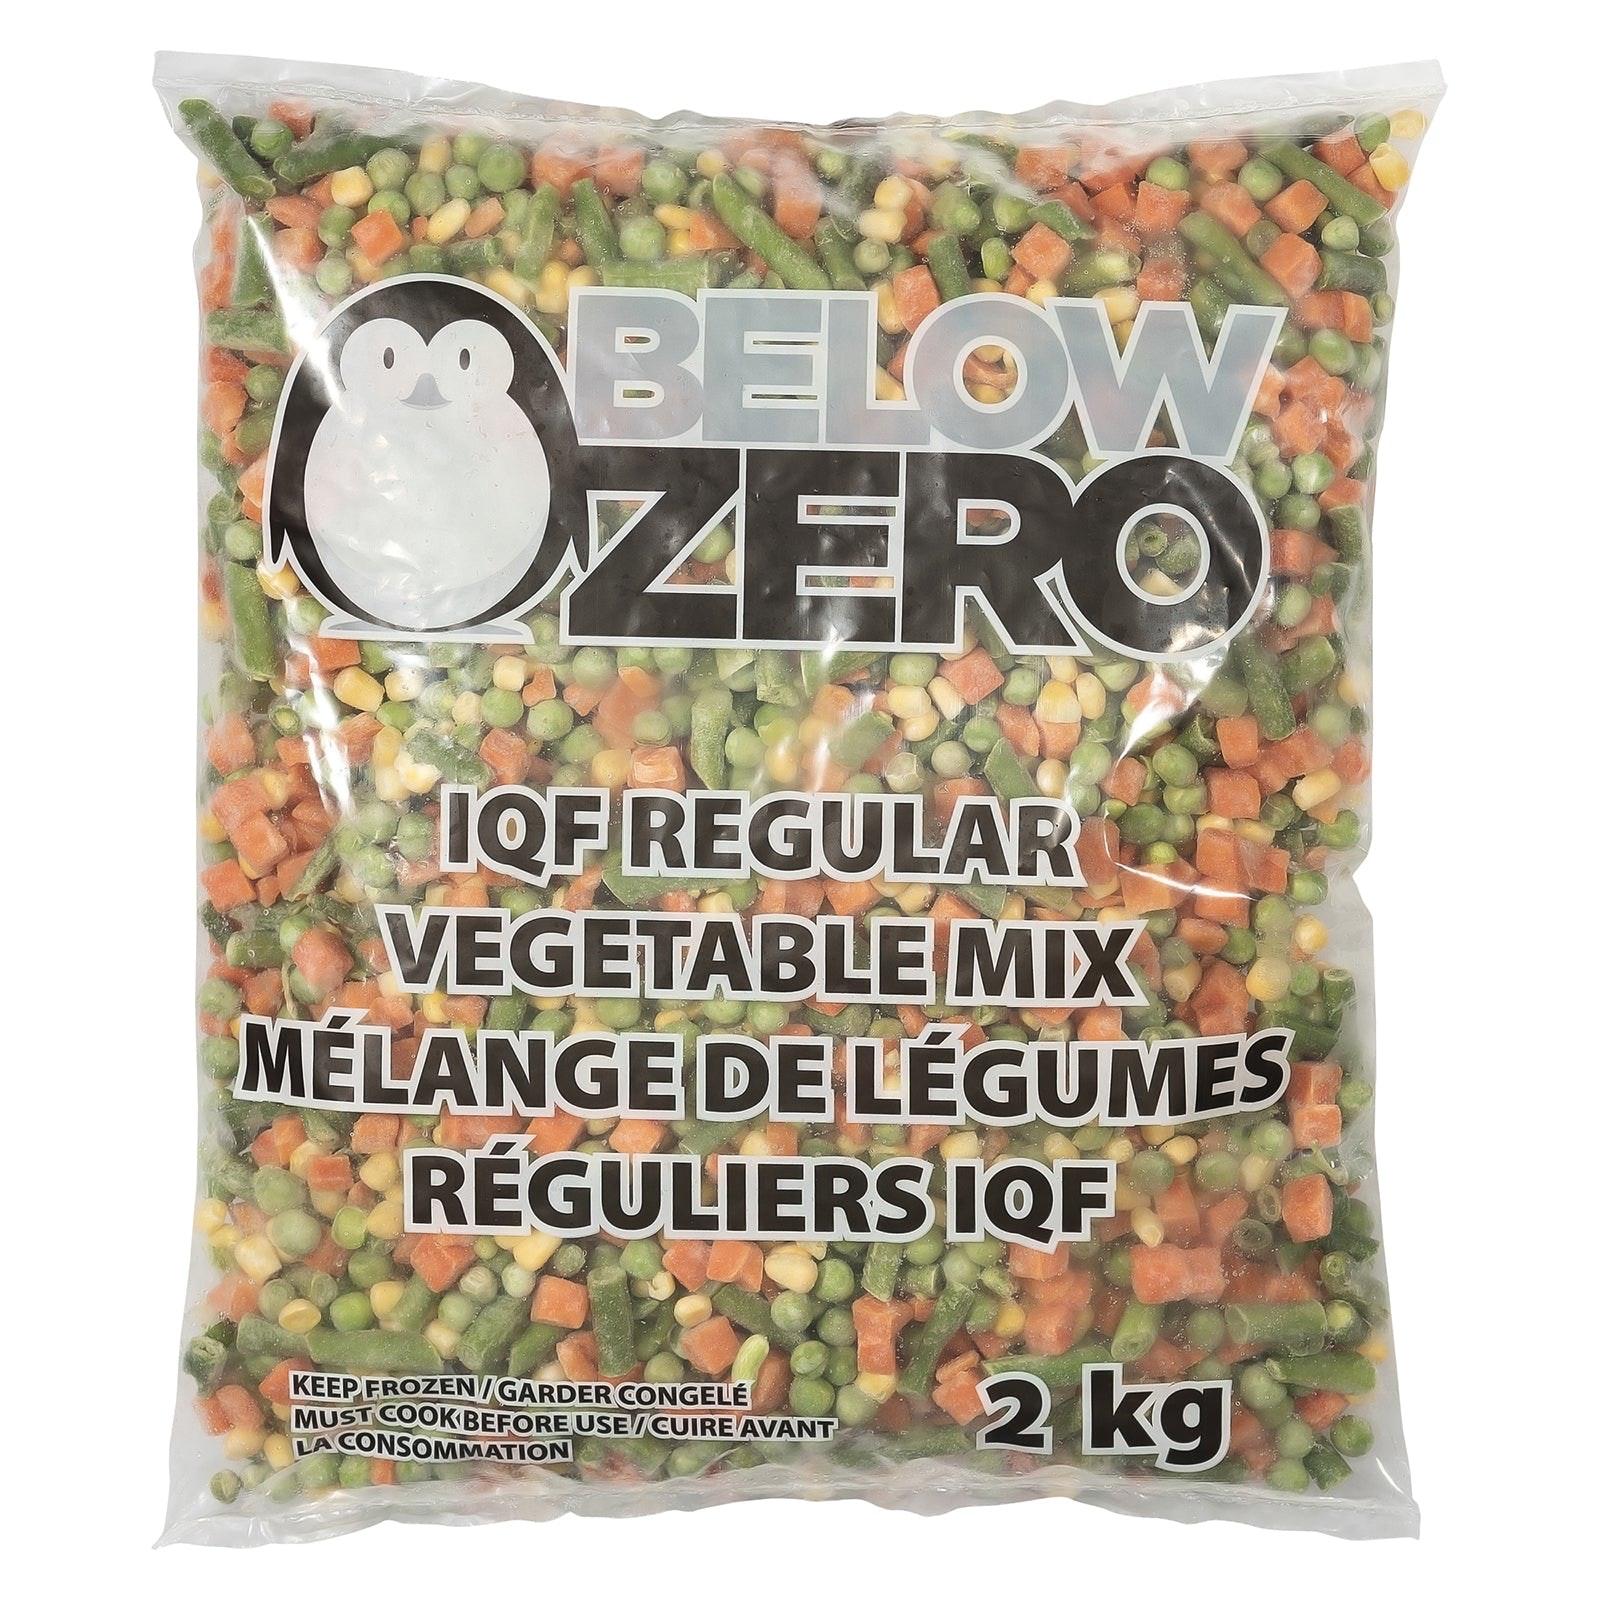 BELOW ZERO Regular mixed vegetables